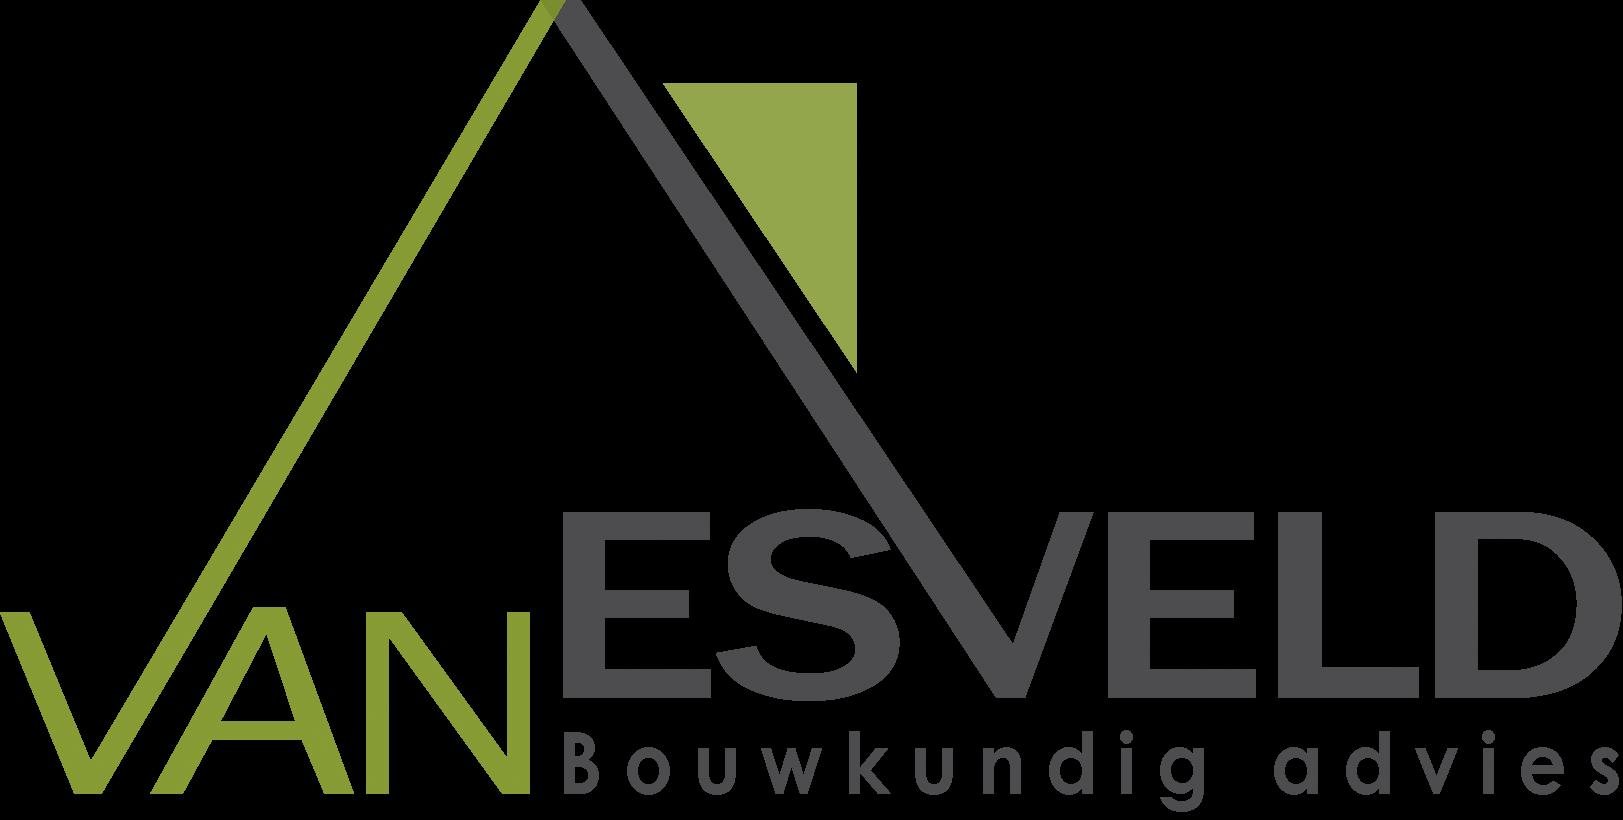 Bouwkundig advies van Esveld